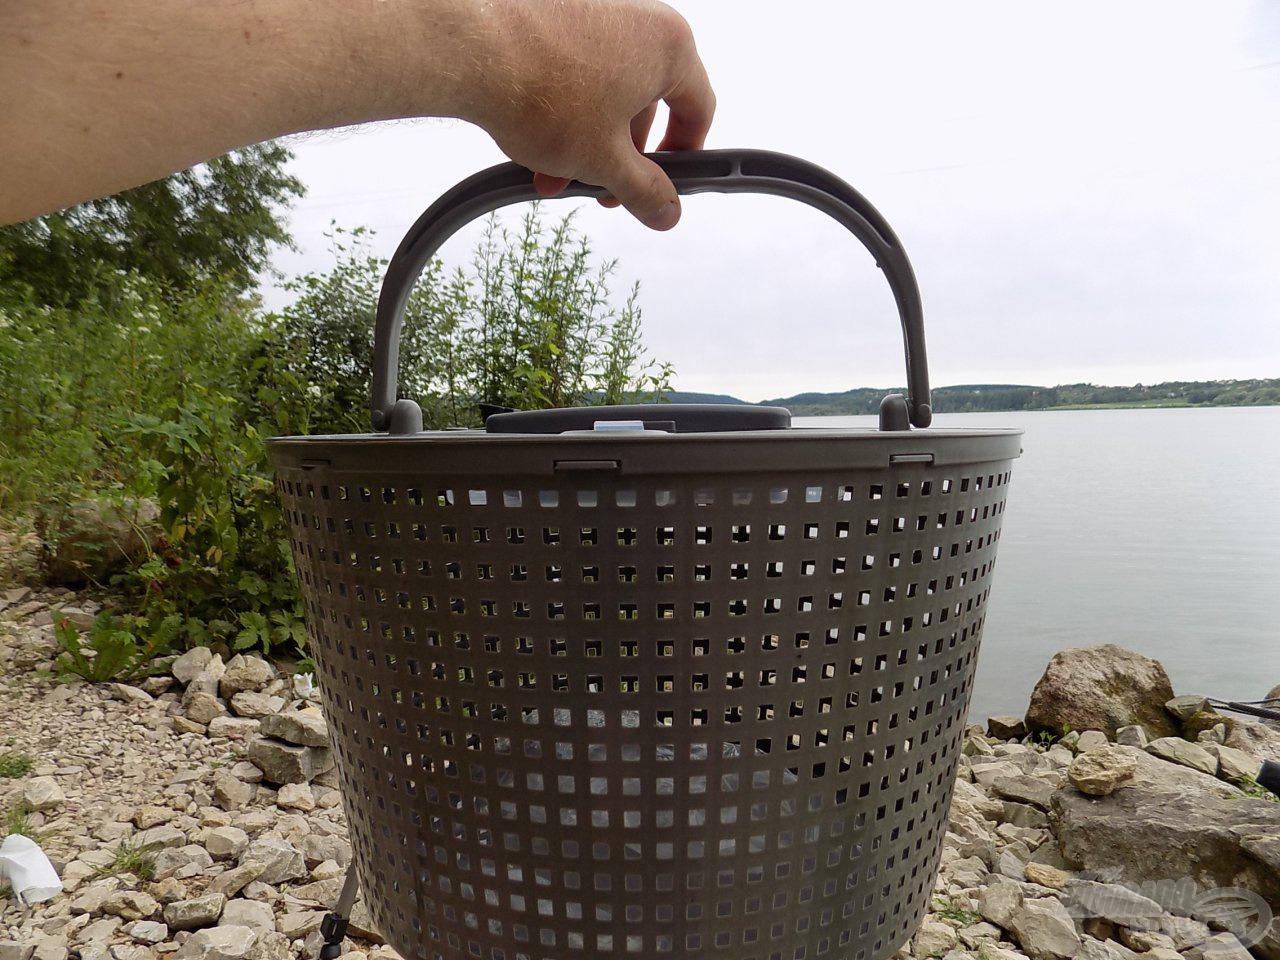 Csónakos horgászatnál elég, ha csak a rácsos betétet lógatjuk a vízbe, természetesen ekkor a pumpára nincs szükség, hiszen a friss víz cserélődése folyamatosan történik